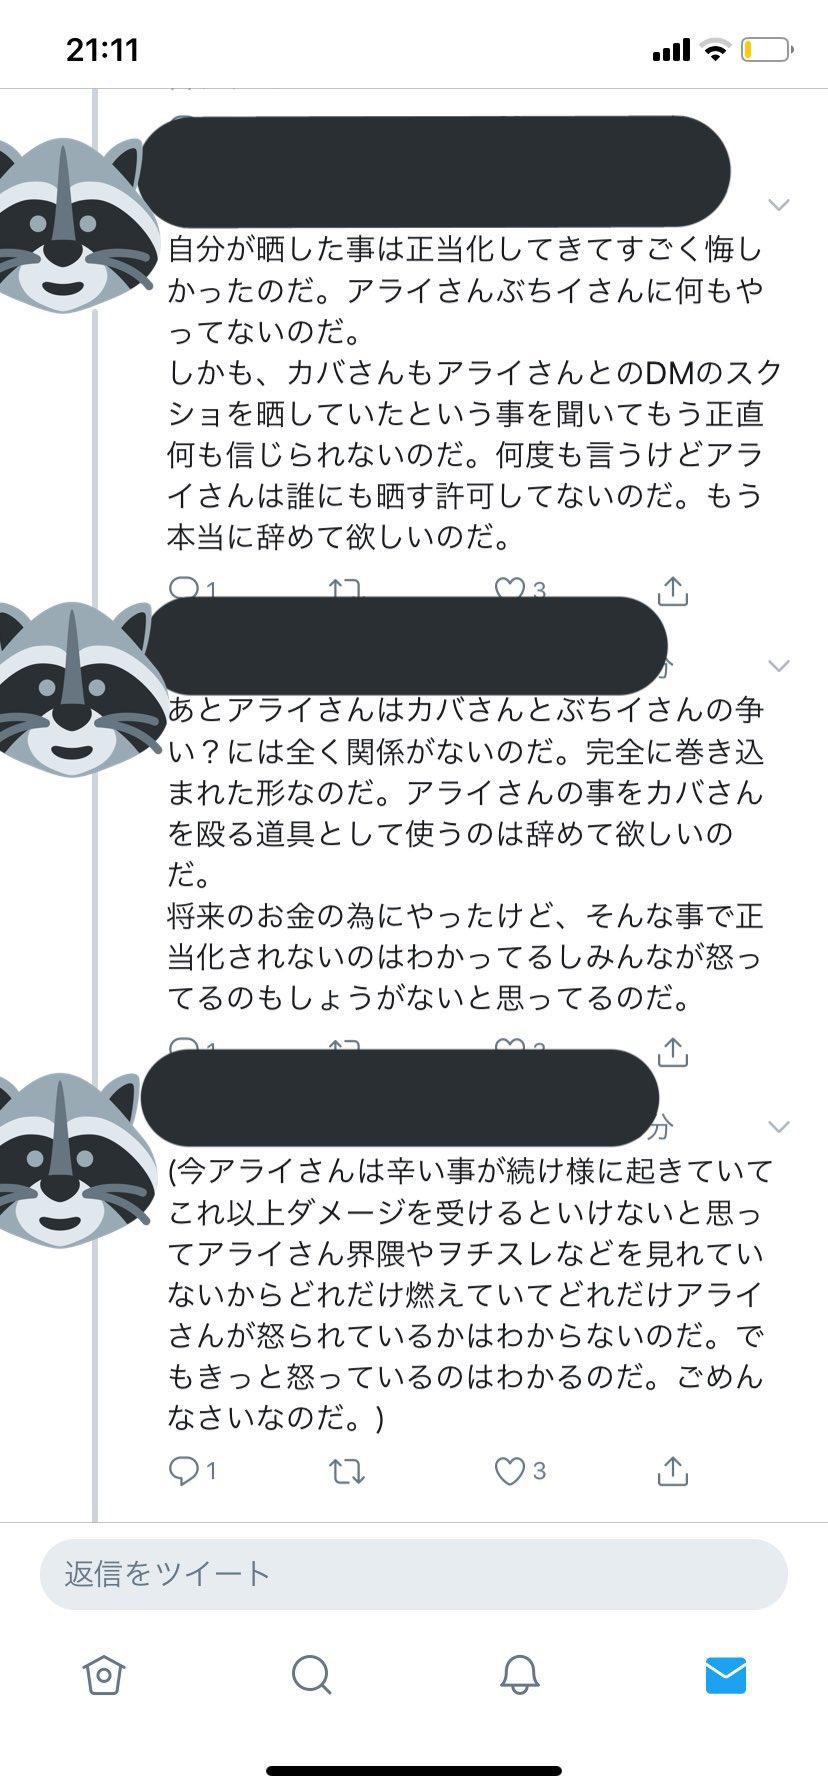 アライ さん ヲチスレ